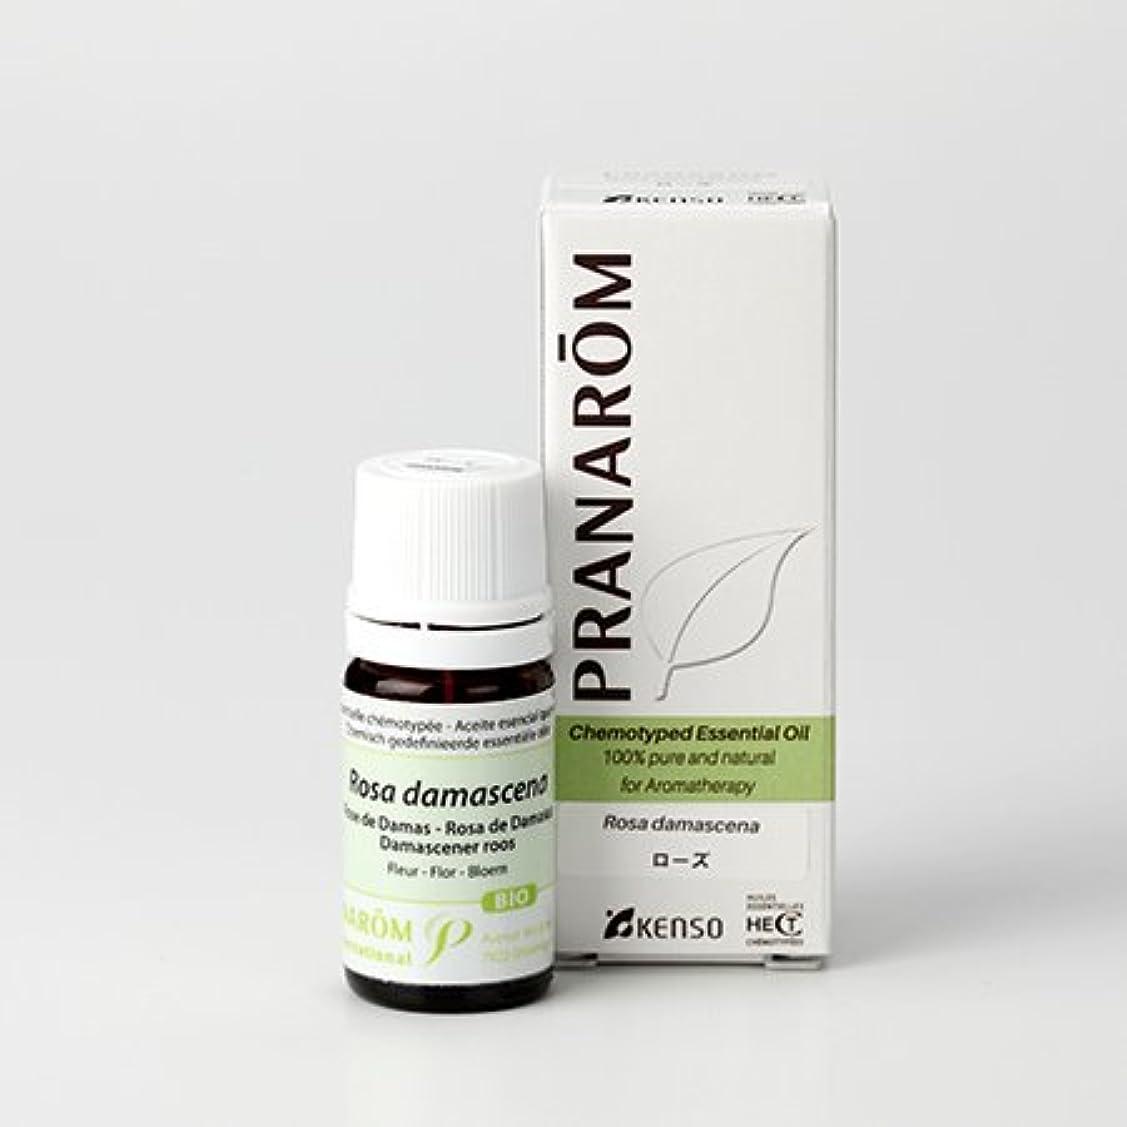 にはまって儀式唇【ローズ 5ml】→華やかさだけでなく、透明感をもつ、気品にあふれた香り?(フローラル系)[PRANAROM(プラナロム)精油/アロマオイル/エッセンシャルオイル]P-158